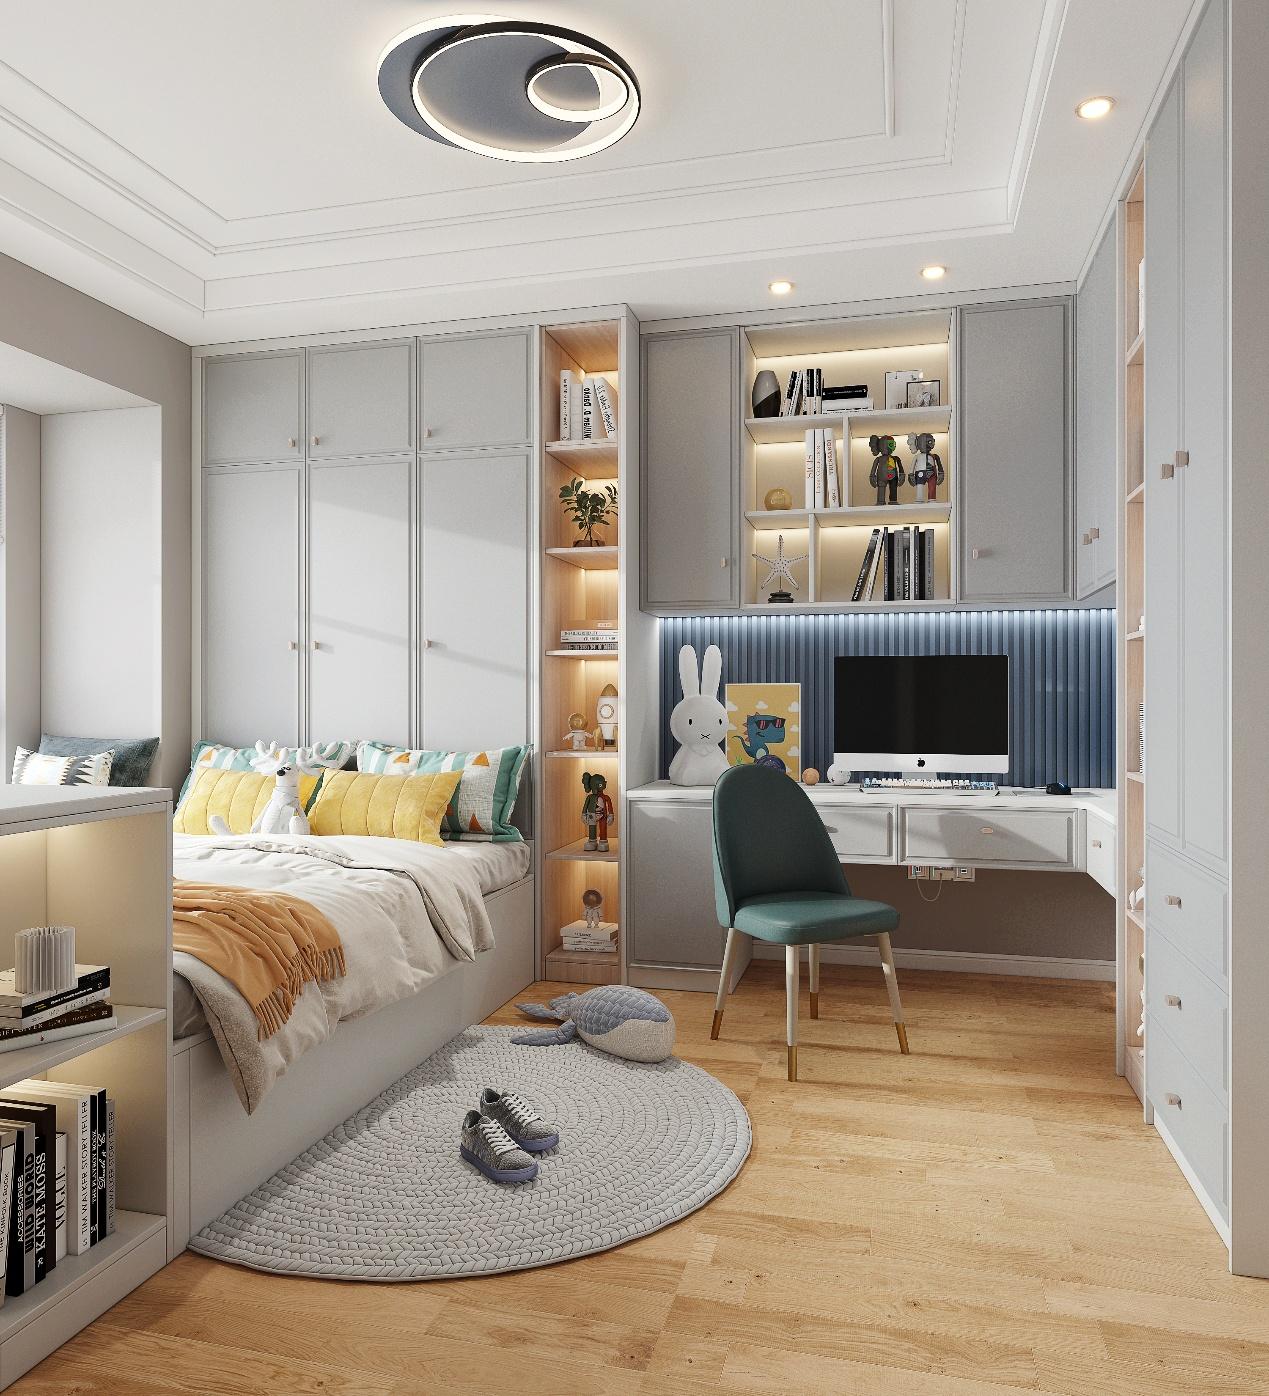 《【摩登3品牌】小房间如何打造成完美卧室?全友来给您支招》